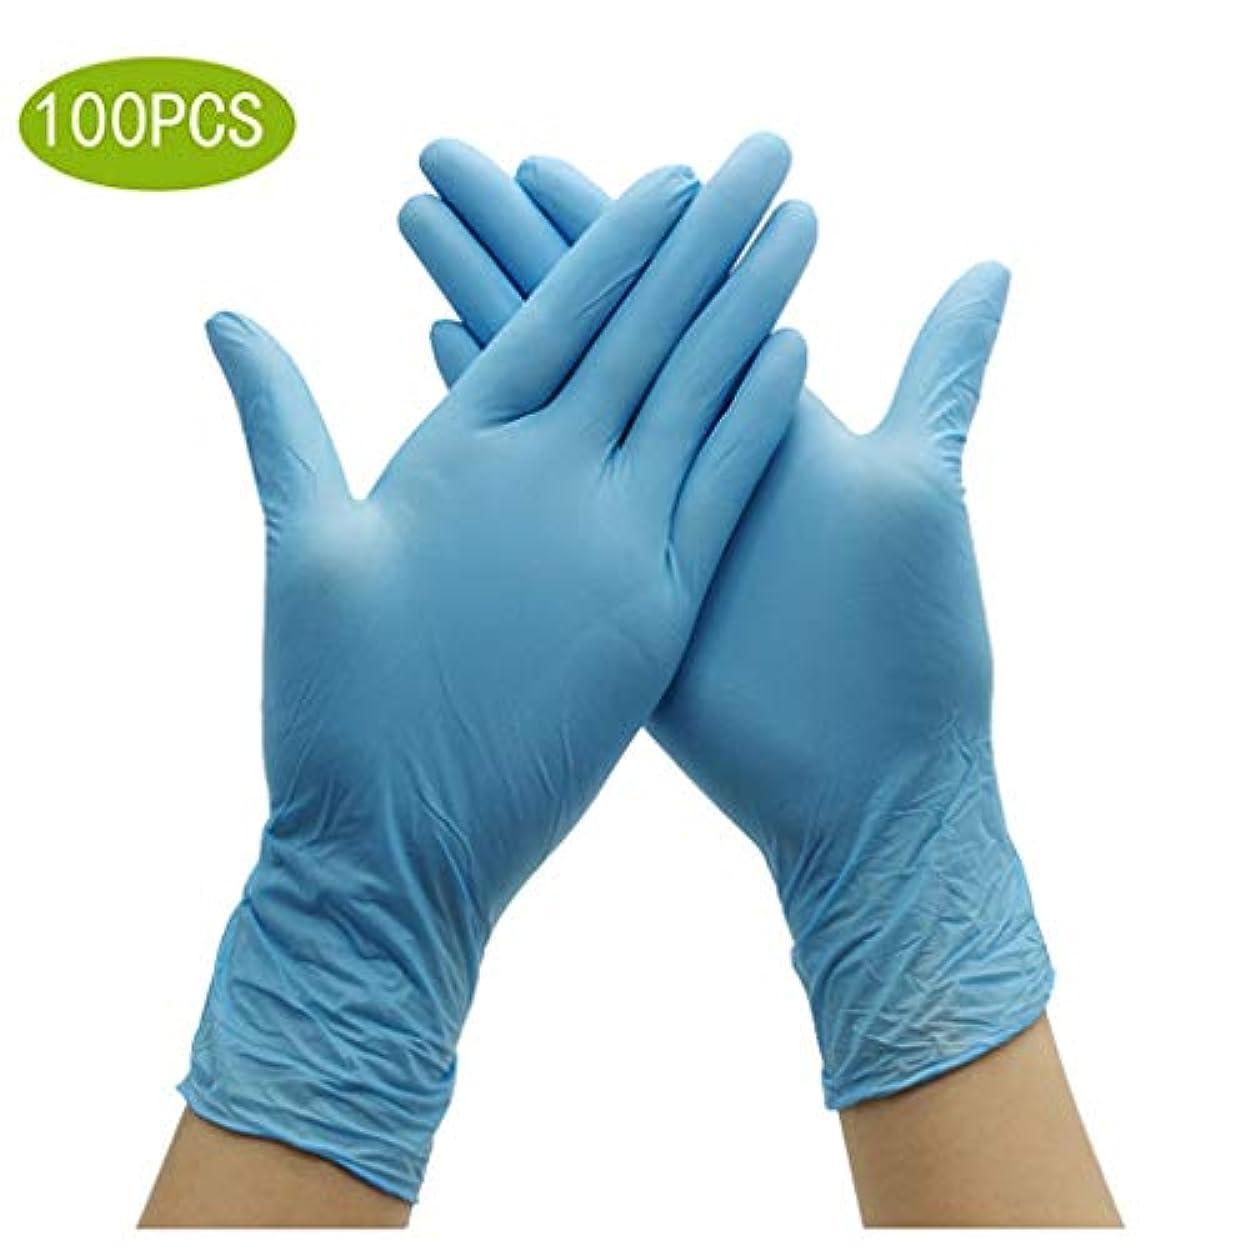 聖人宿泊施設麦芽ニトリル医療グレード試験用手袋、使い捨て、ラテックスフリー、100カウント、サイズ大